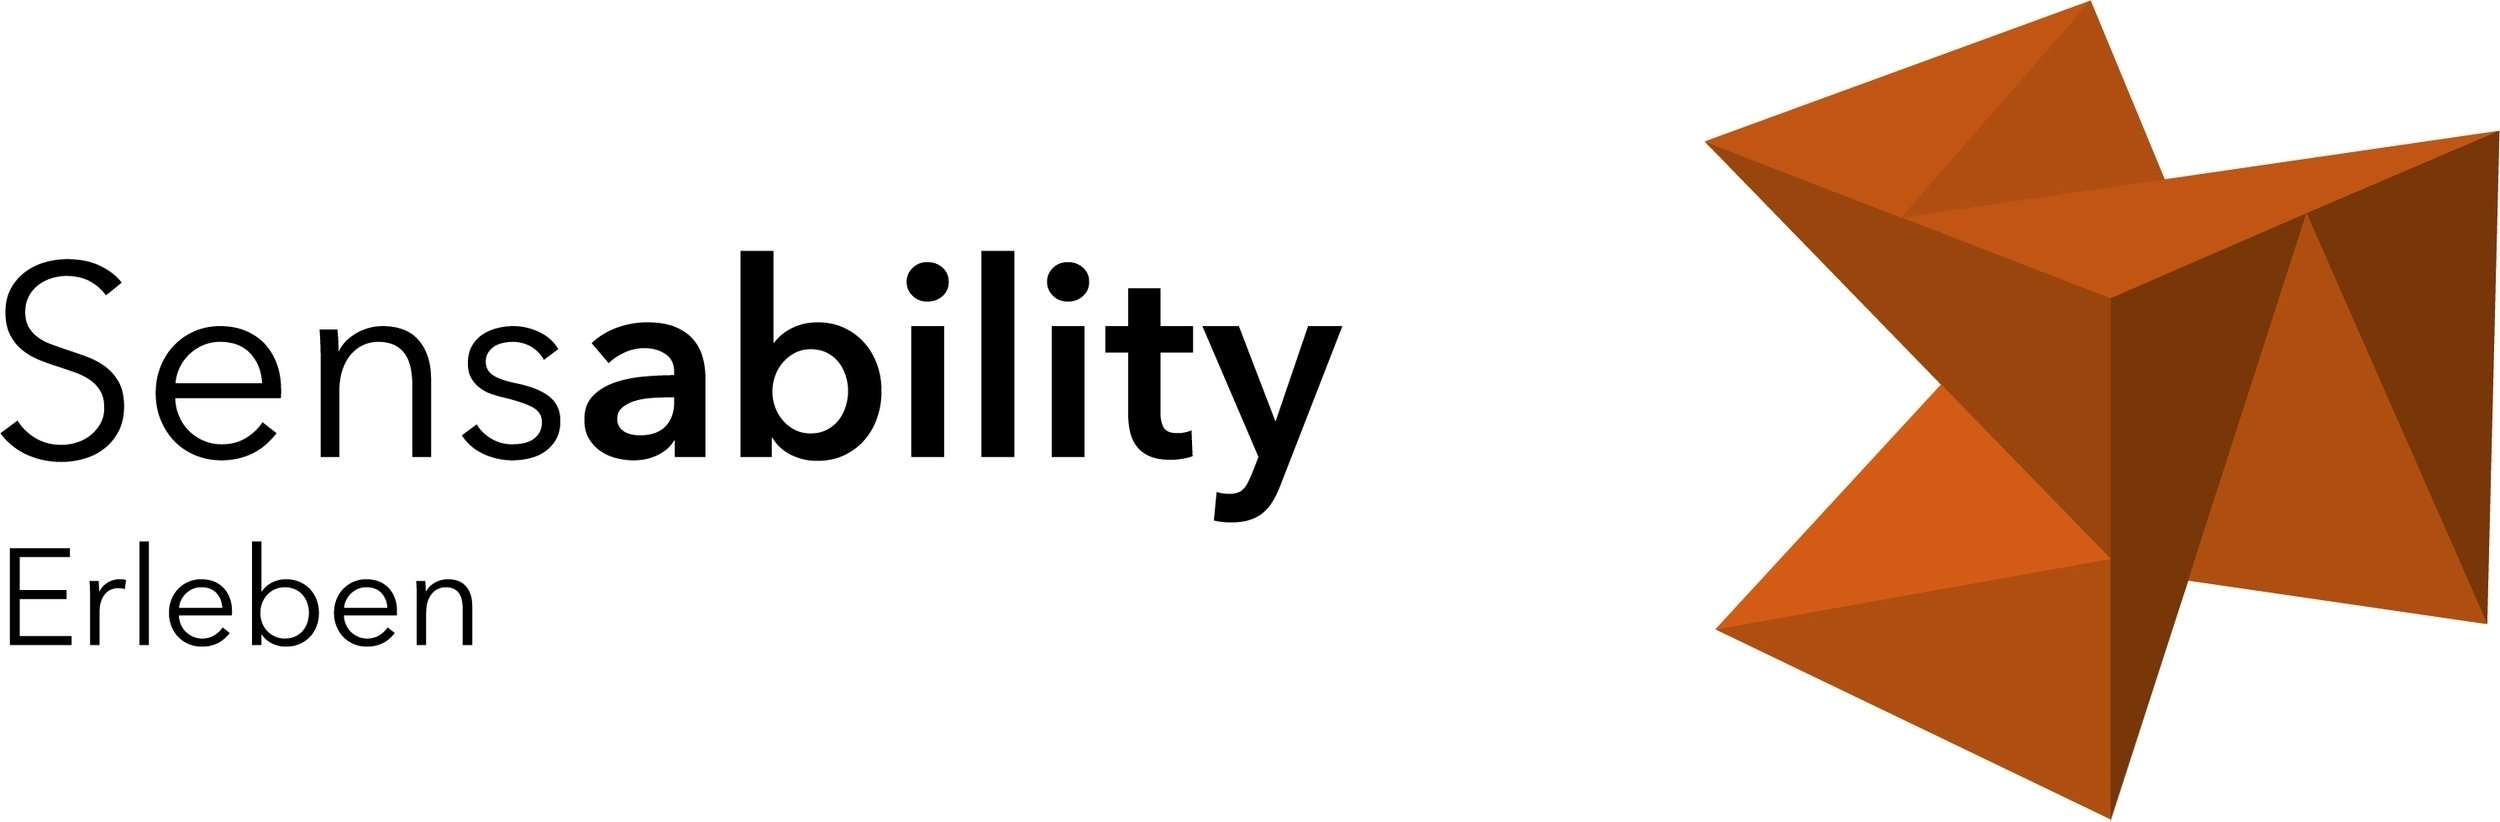 """Themen-Logo Erleben: Schrift """"Sensability Erleben"""" mit Würfel in der Farbe Orange"""